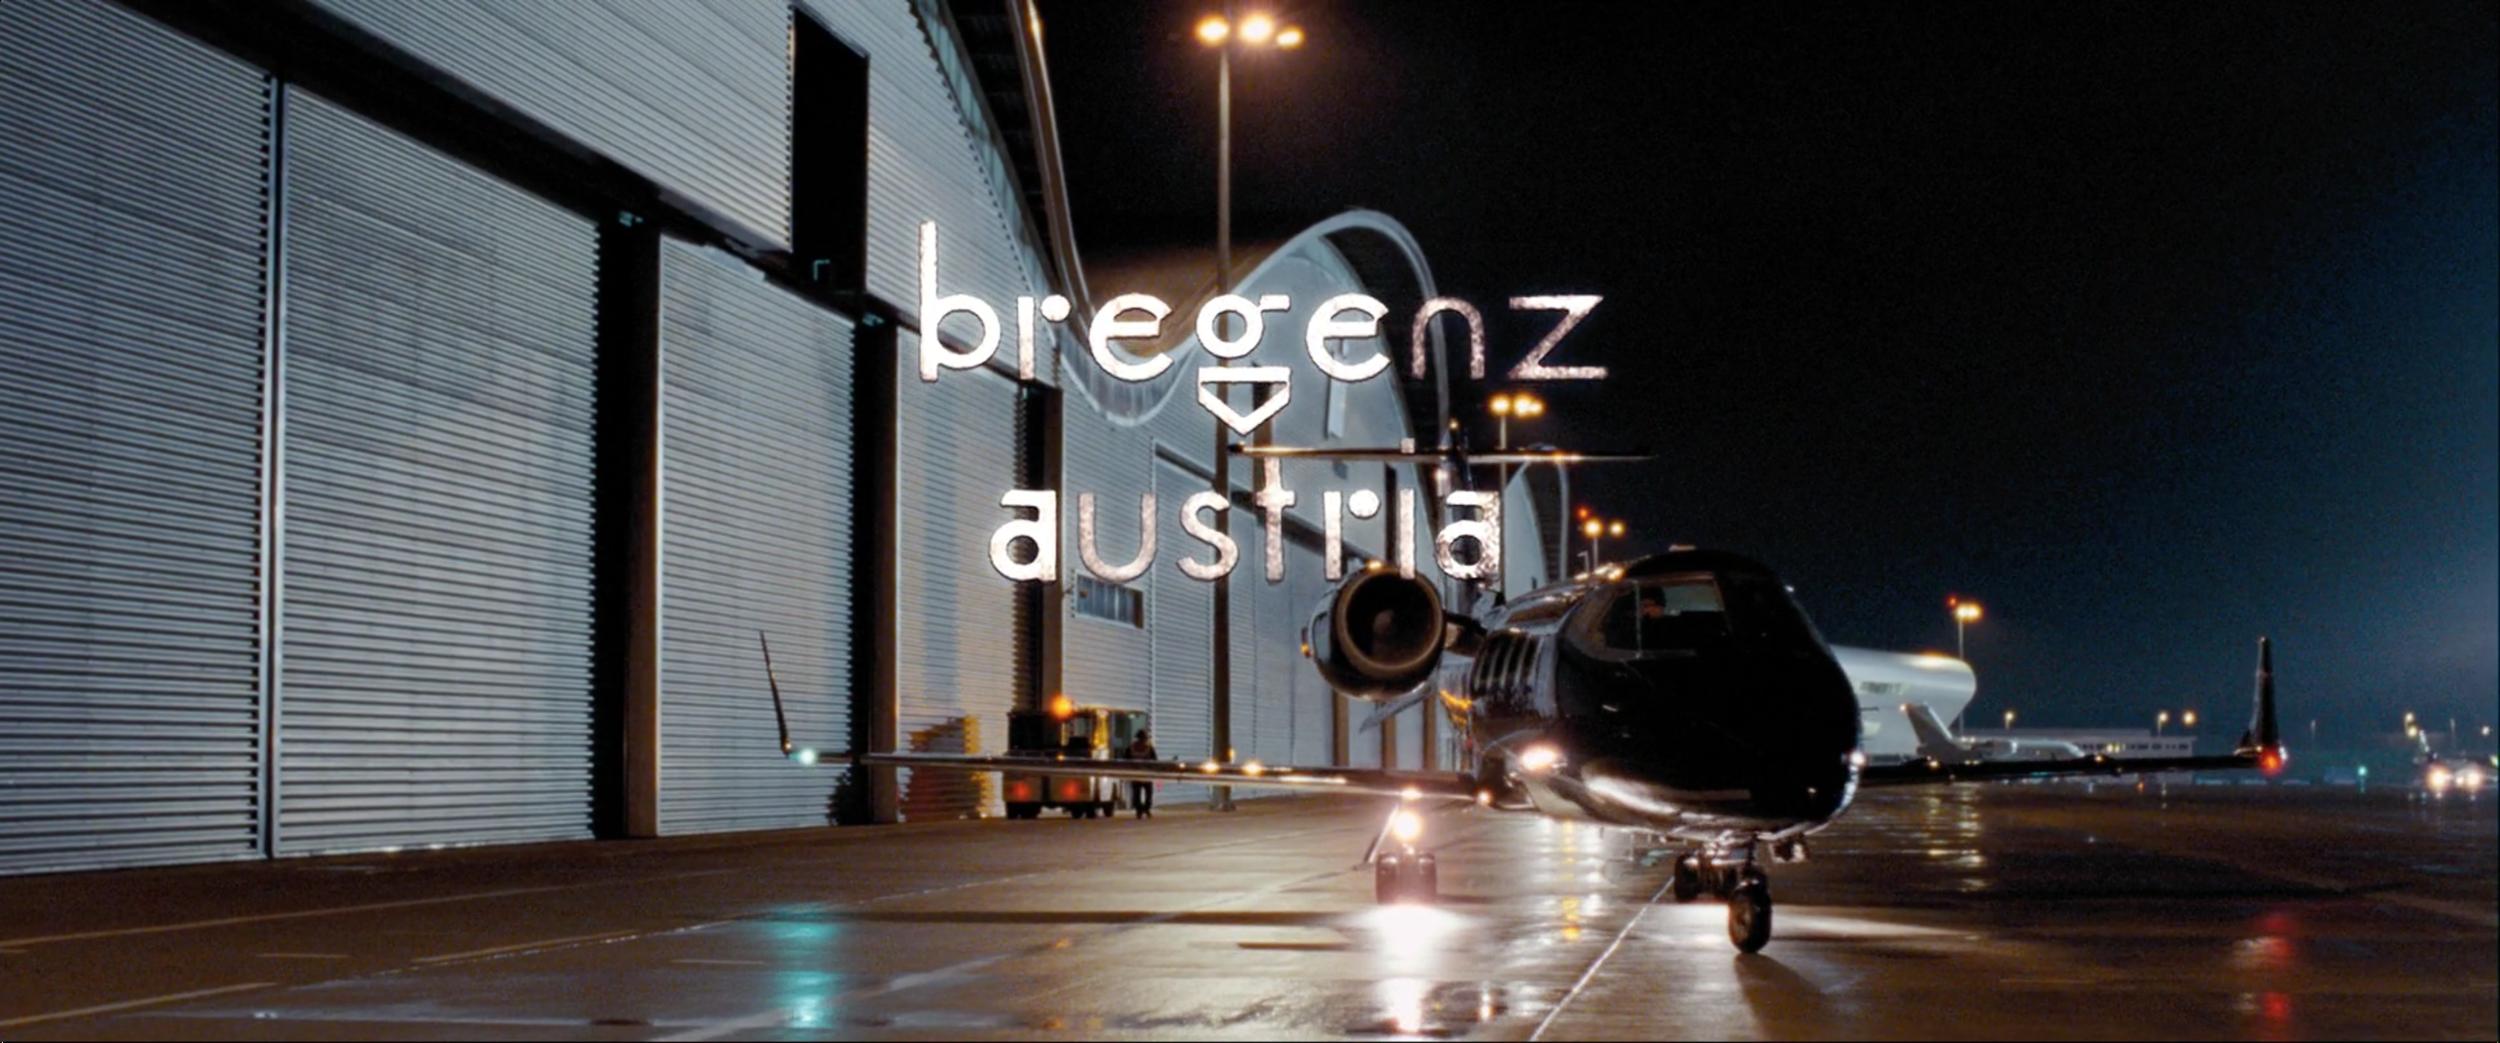 QOS-Bregenz-Austria.png